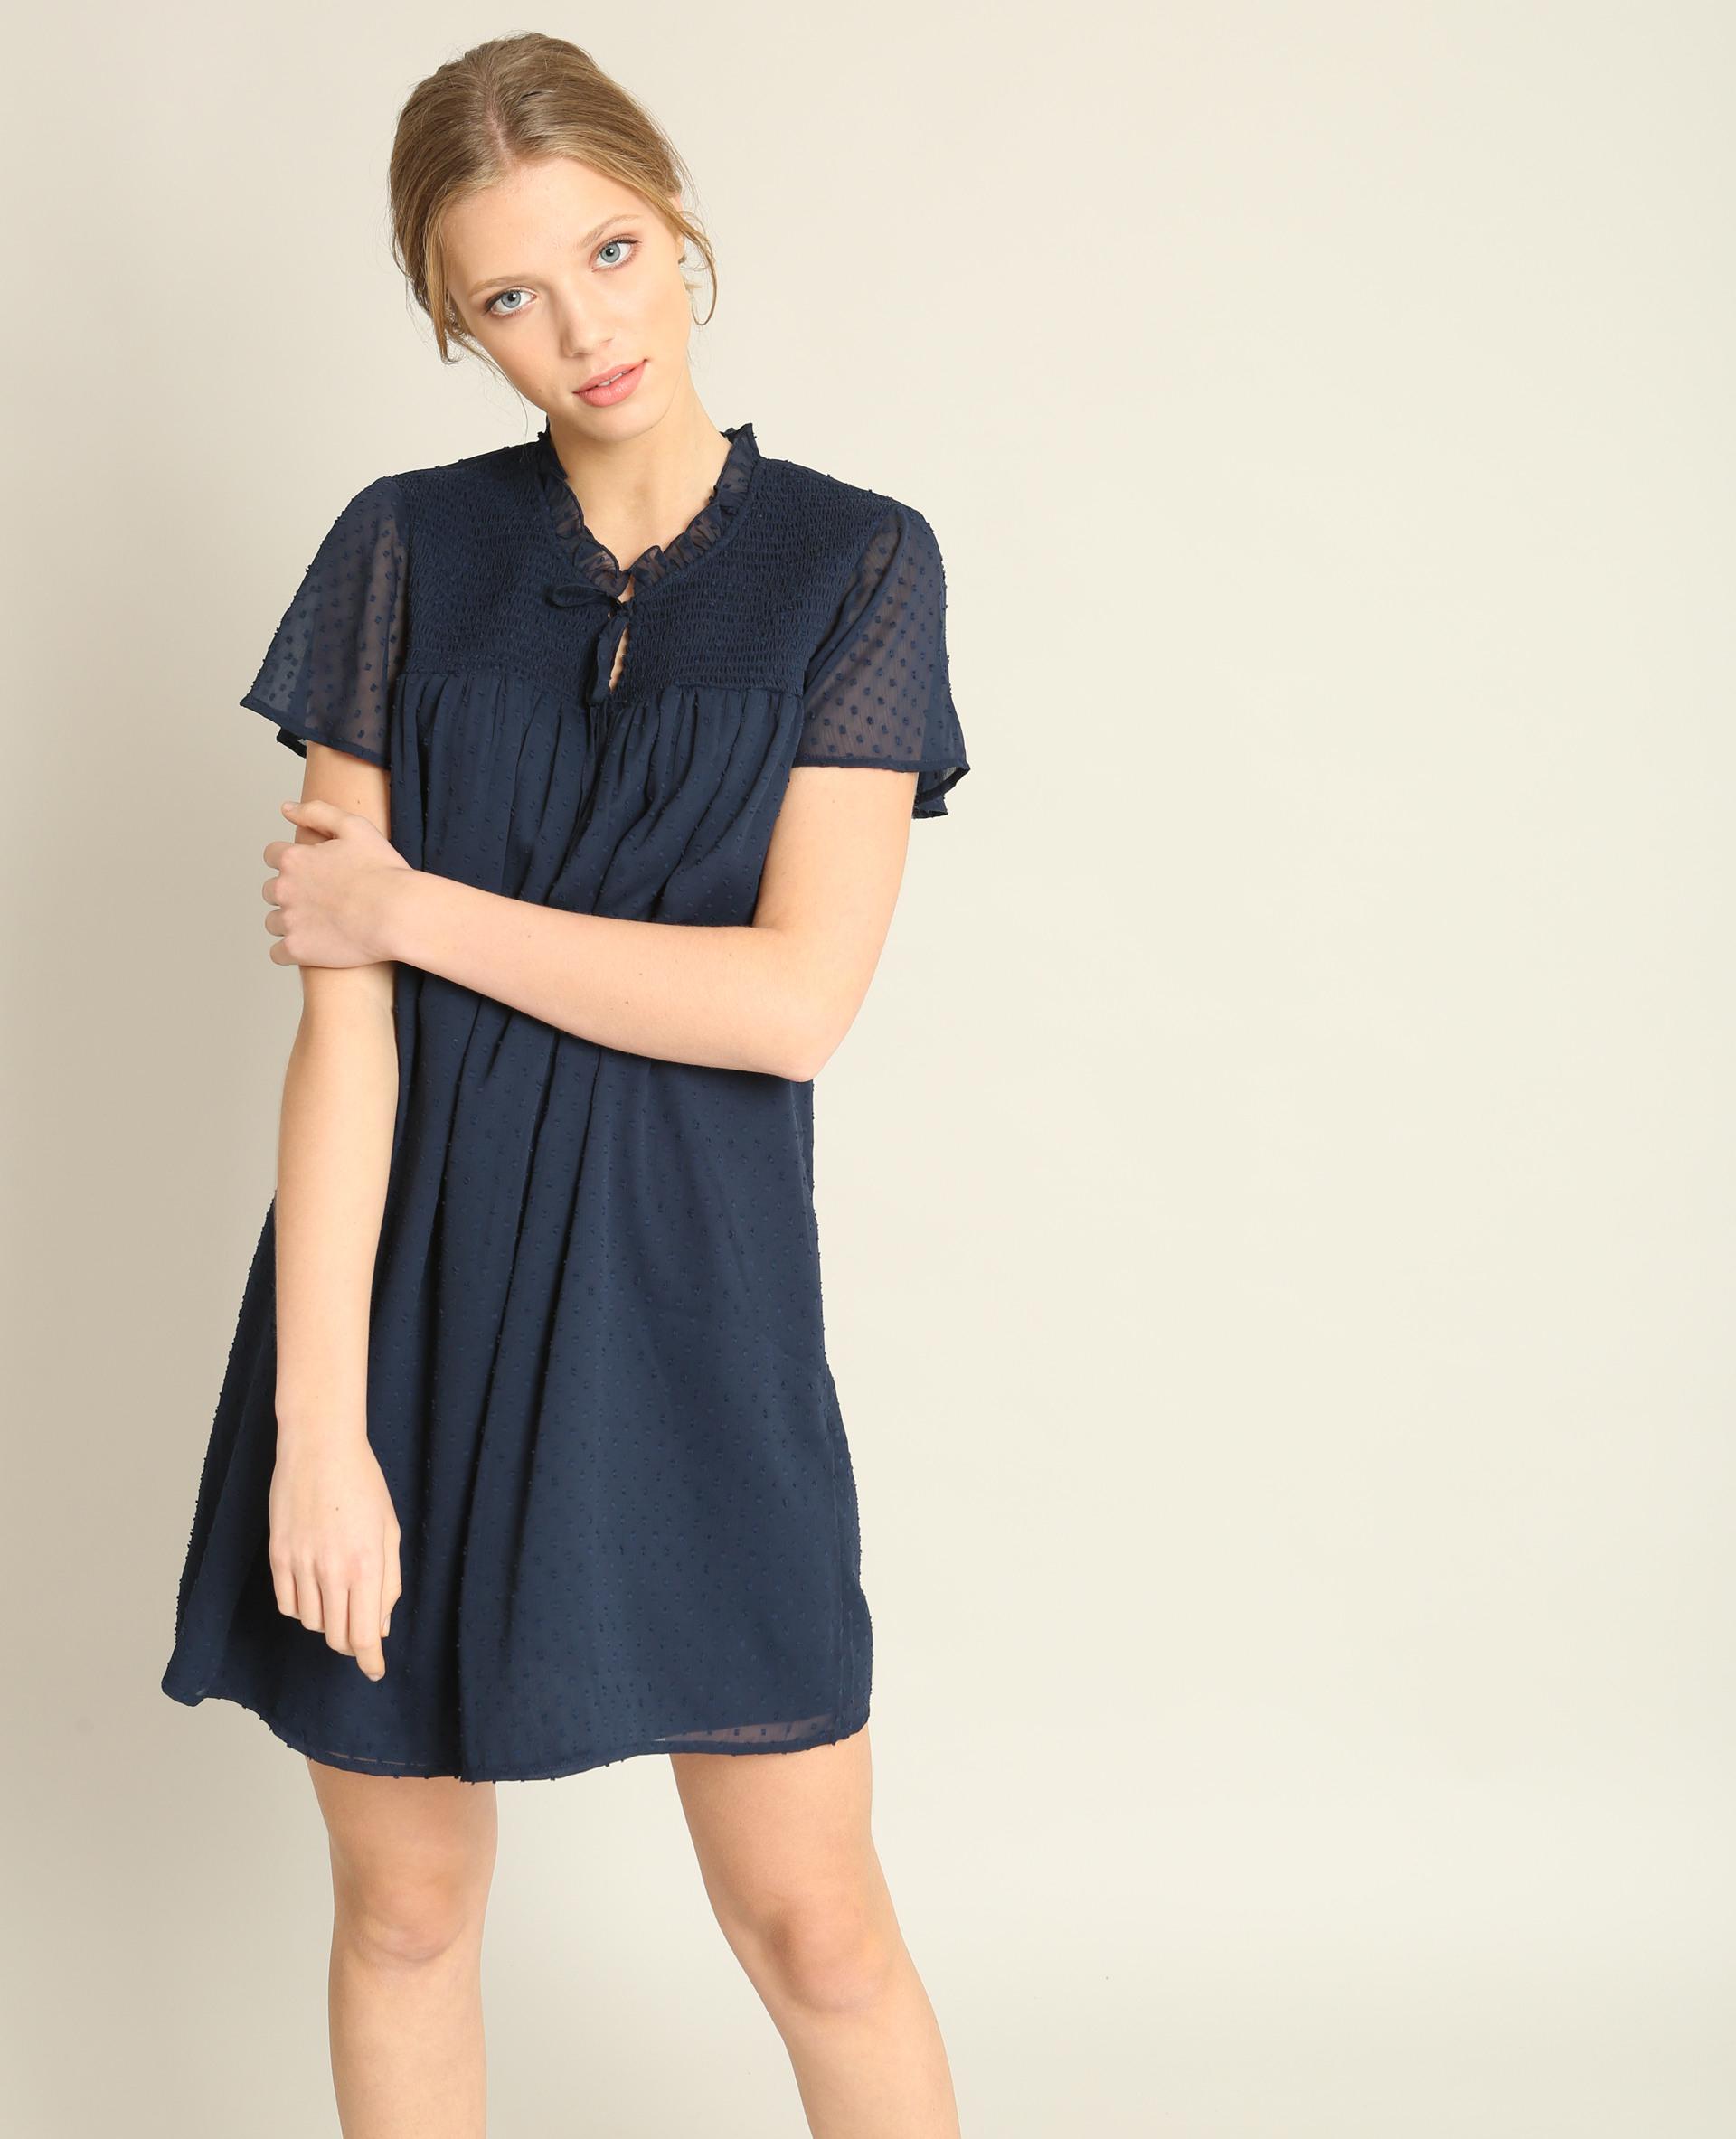 Kleid Aus Plumetis Marineblau  780855635A06  Pimkie